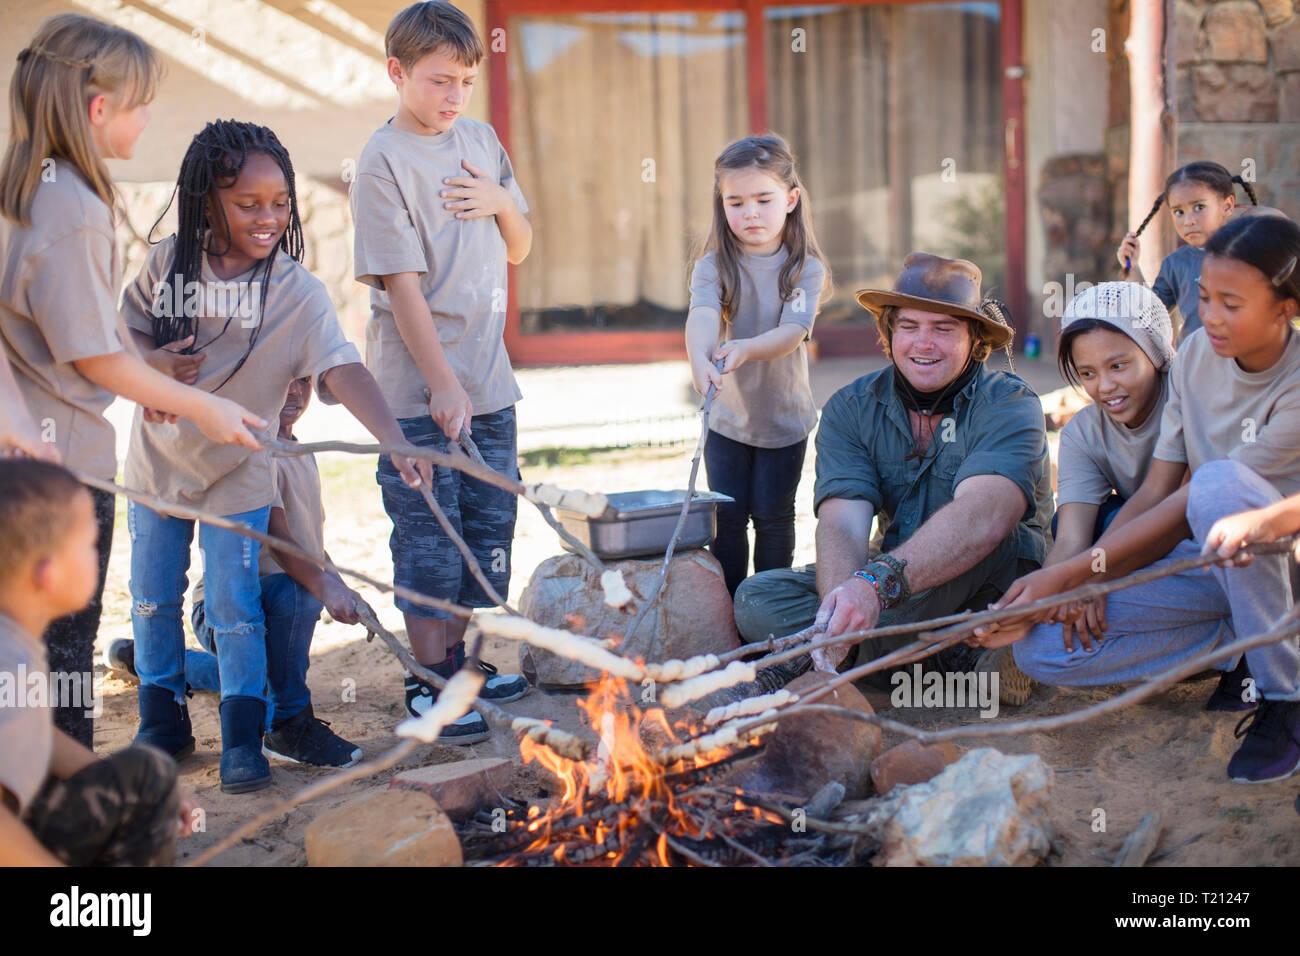 Les enfants et le grillage du pain à torsion guide de feu de camp Photo Stock